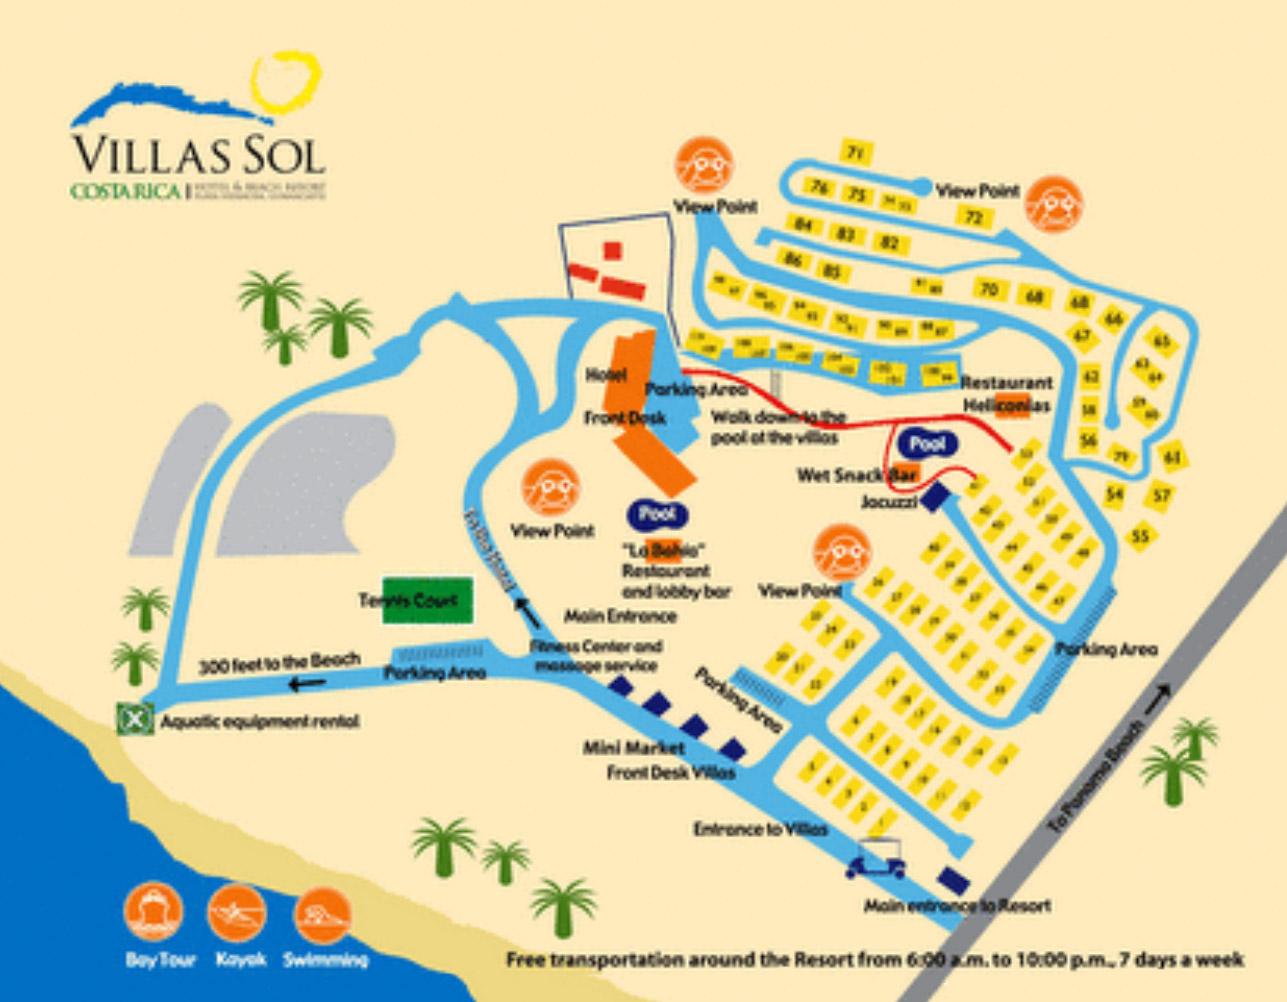 Liberia Costa Rica Map Villas Sol Hotel And Beach Resort